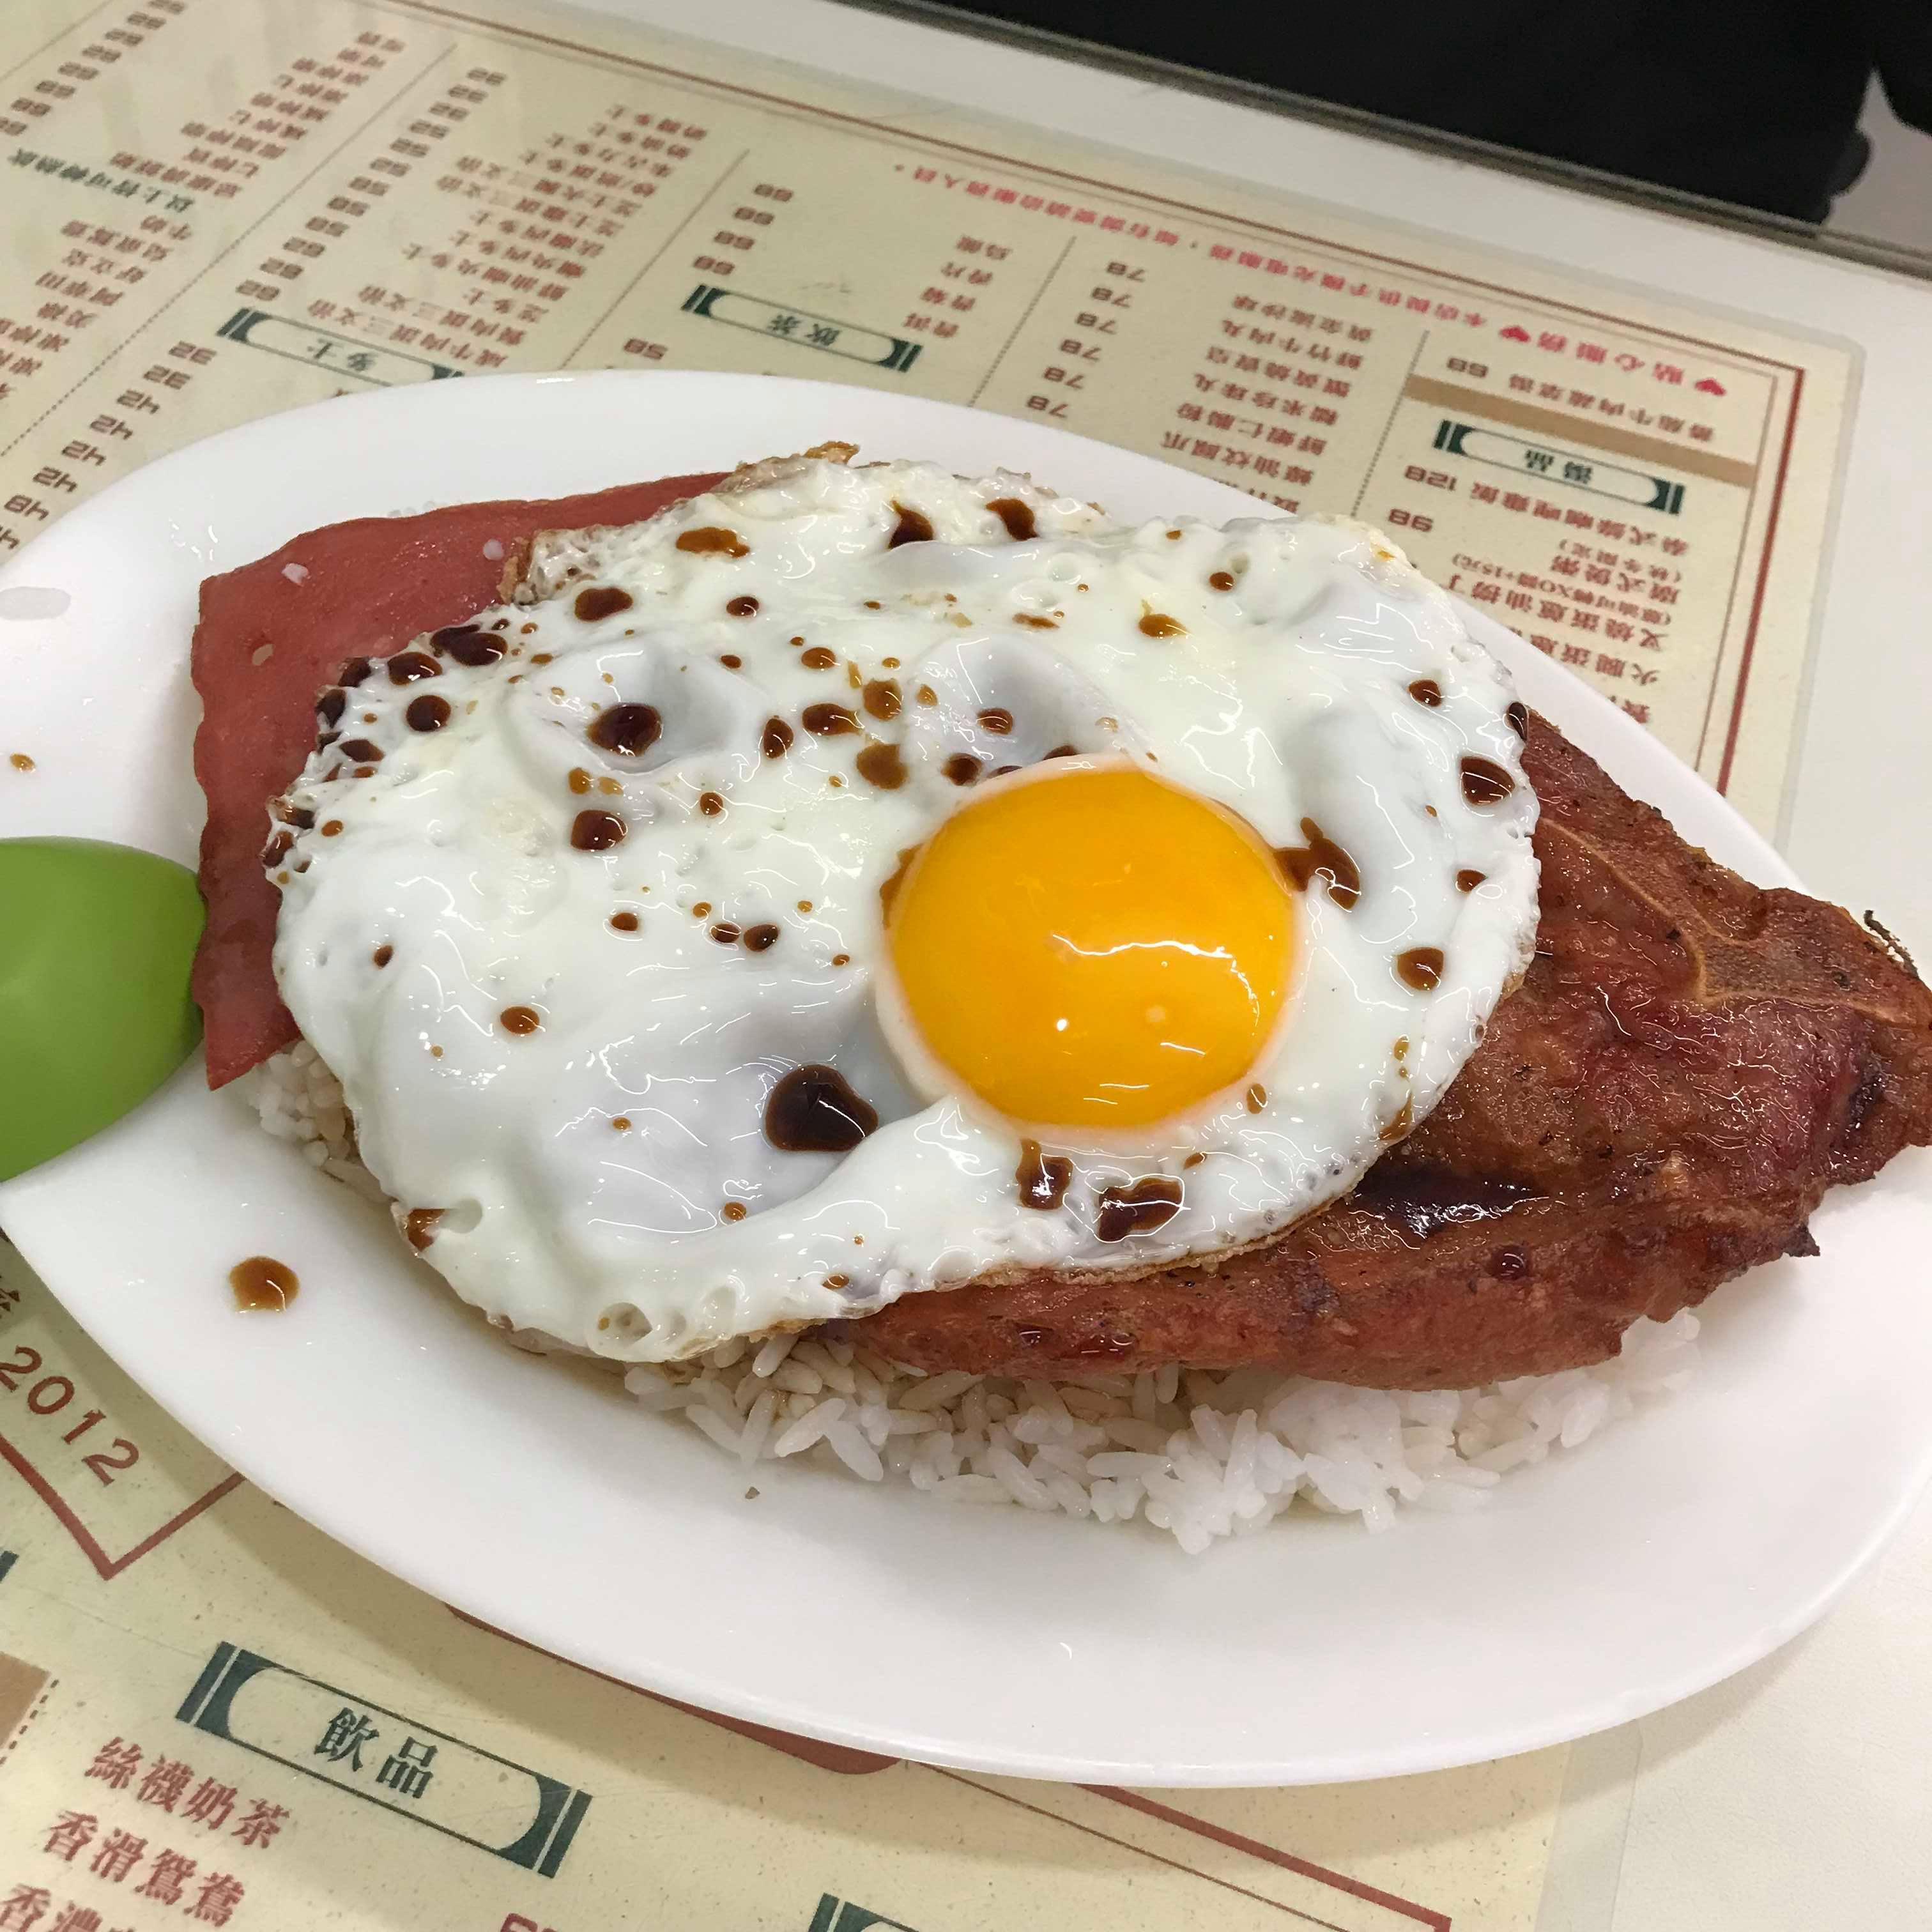 【食記】美生茶餐廳|桃園港式茶餐廳|港仔來著|必吃煎蛋豬扒飯